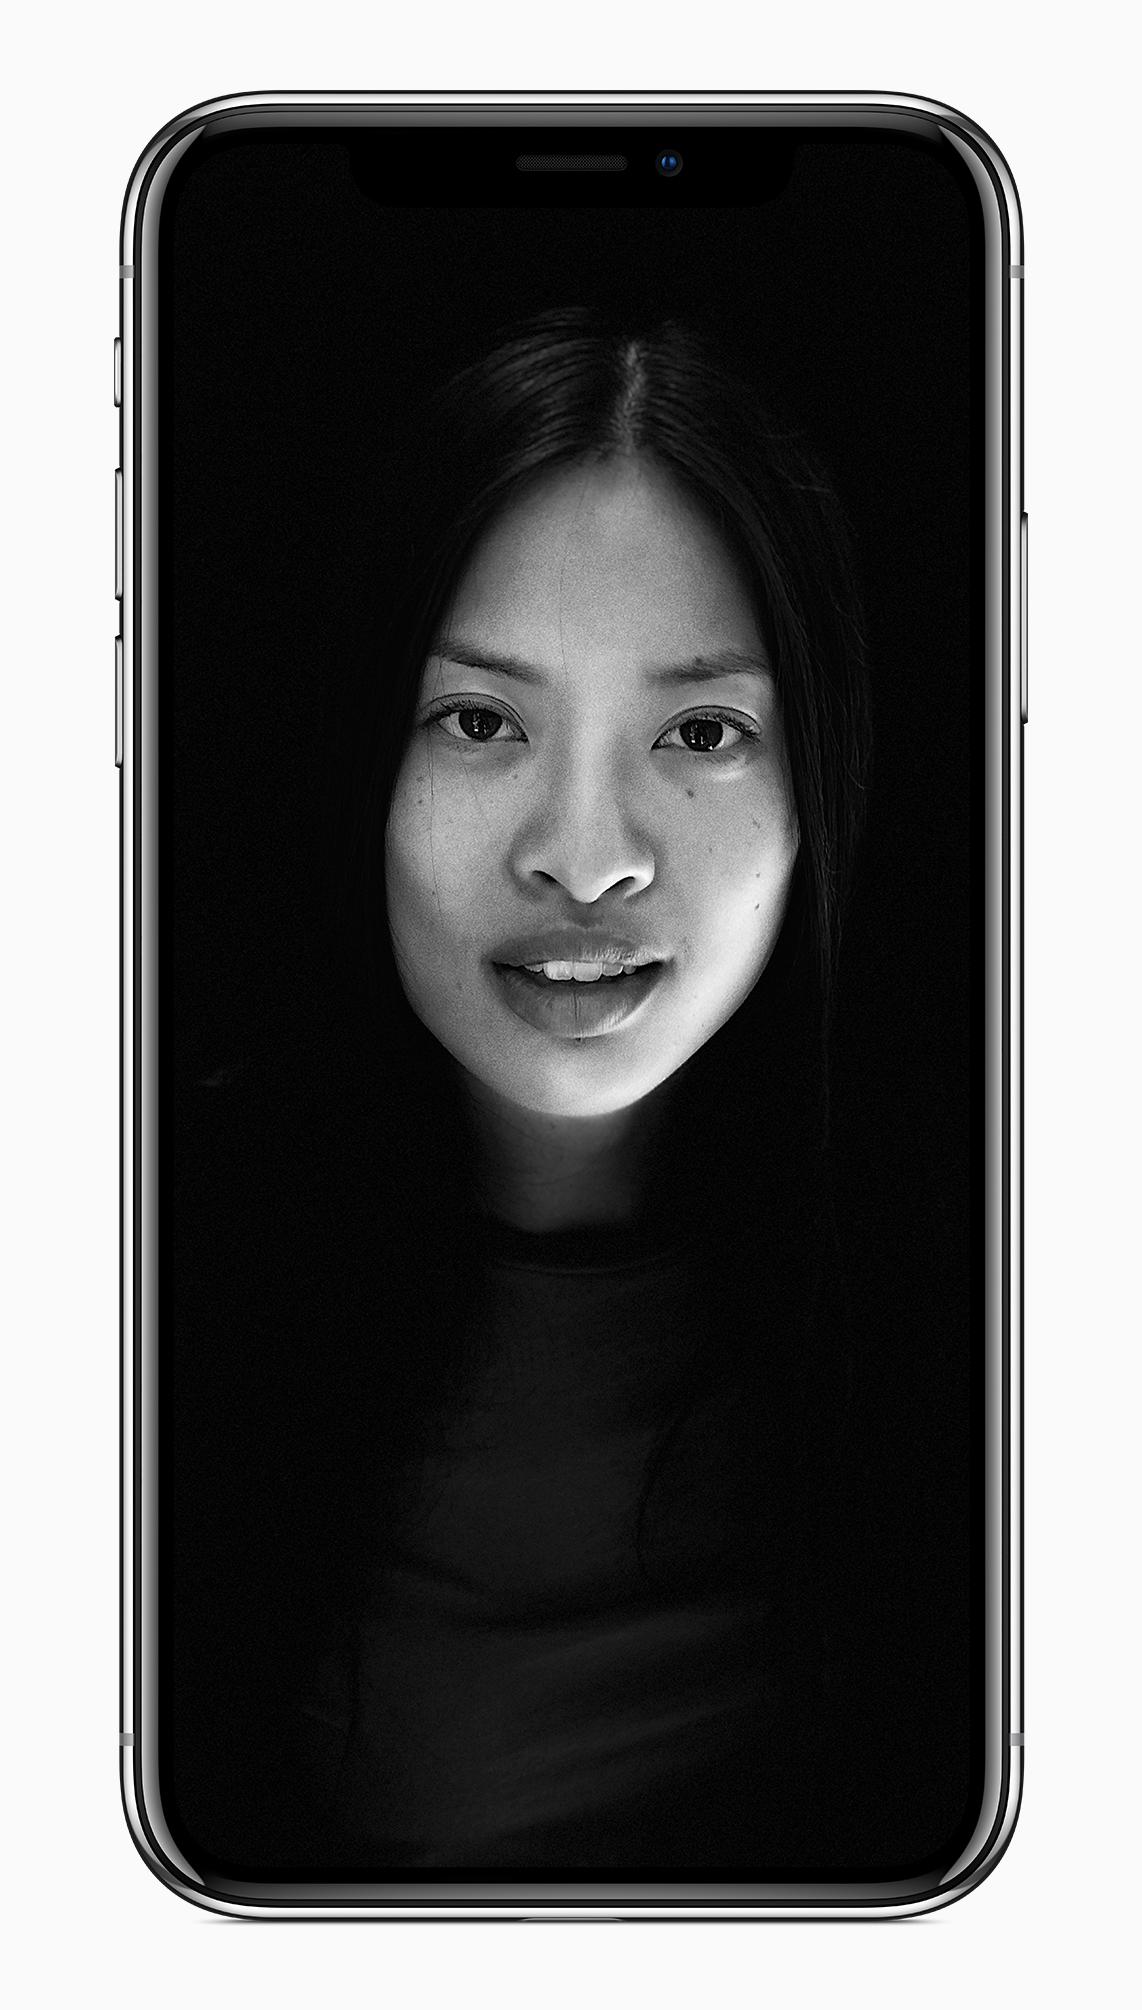 iphonex_camera_front_lighting_five.jpg